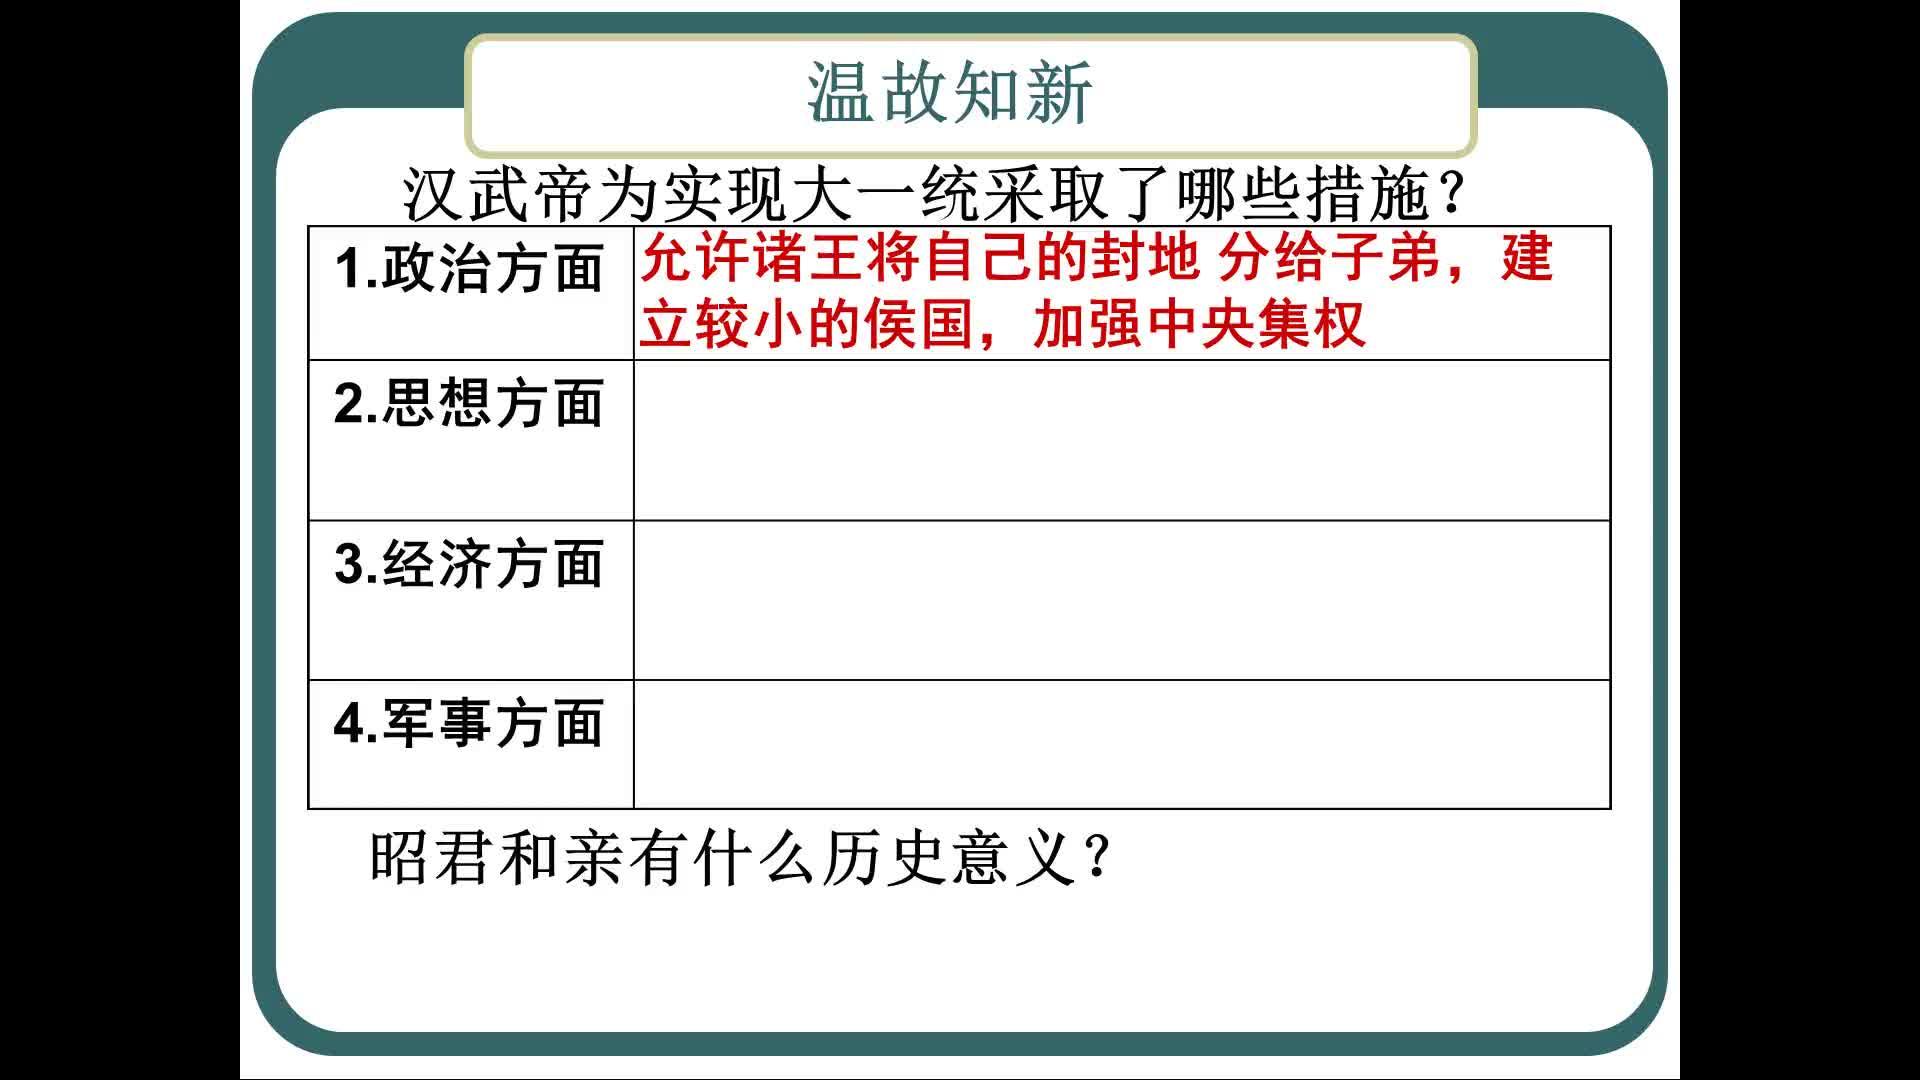 部編版 七年級歷史上冊 第三單元 第14課 漢通西域和絲綢之路-課堂實錄